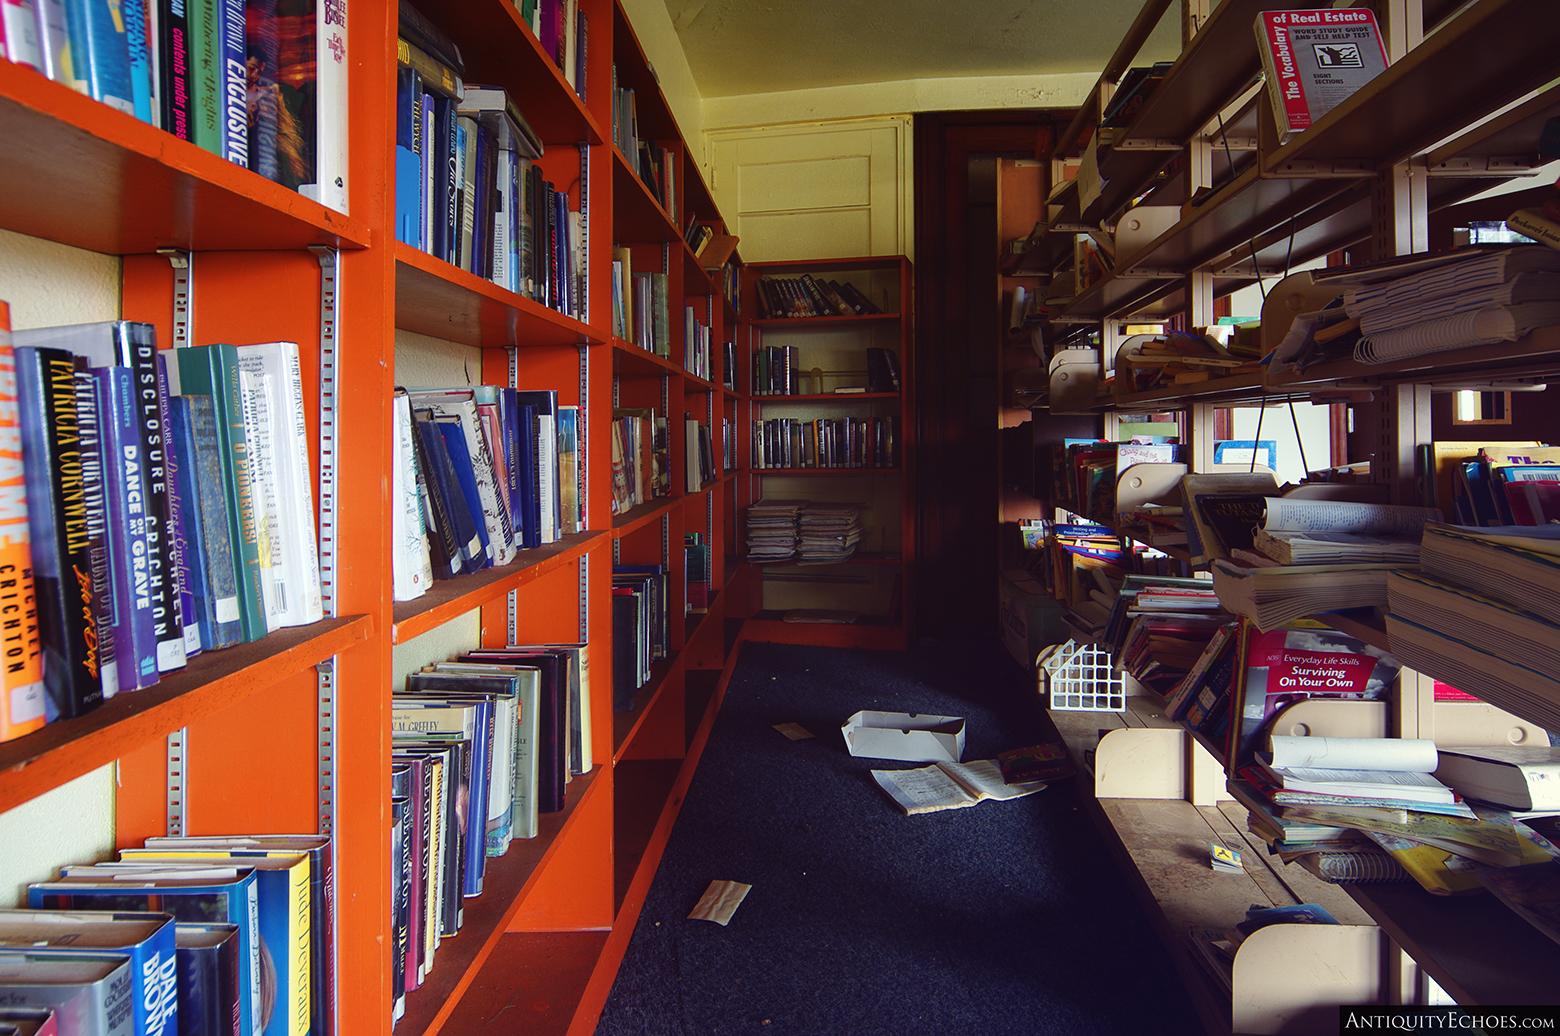 Third Presbyterian - Shelves of Books